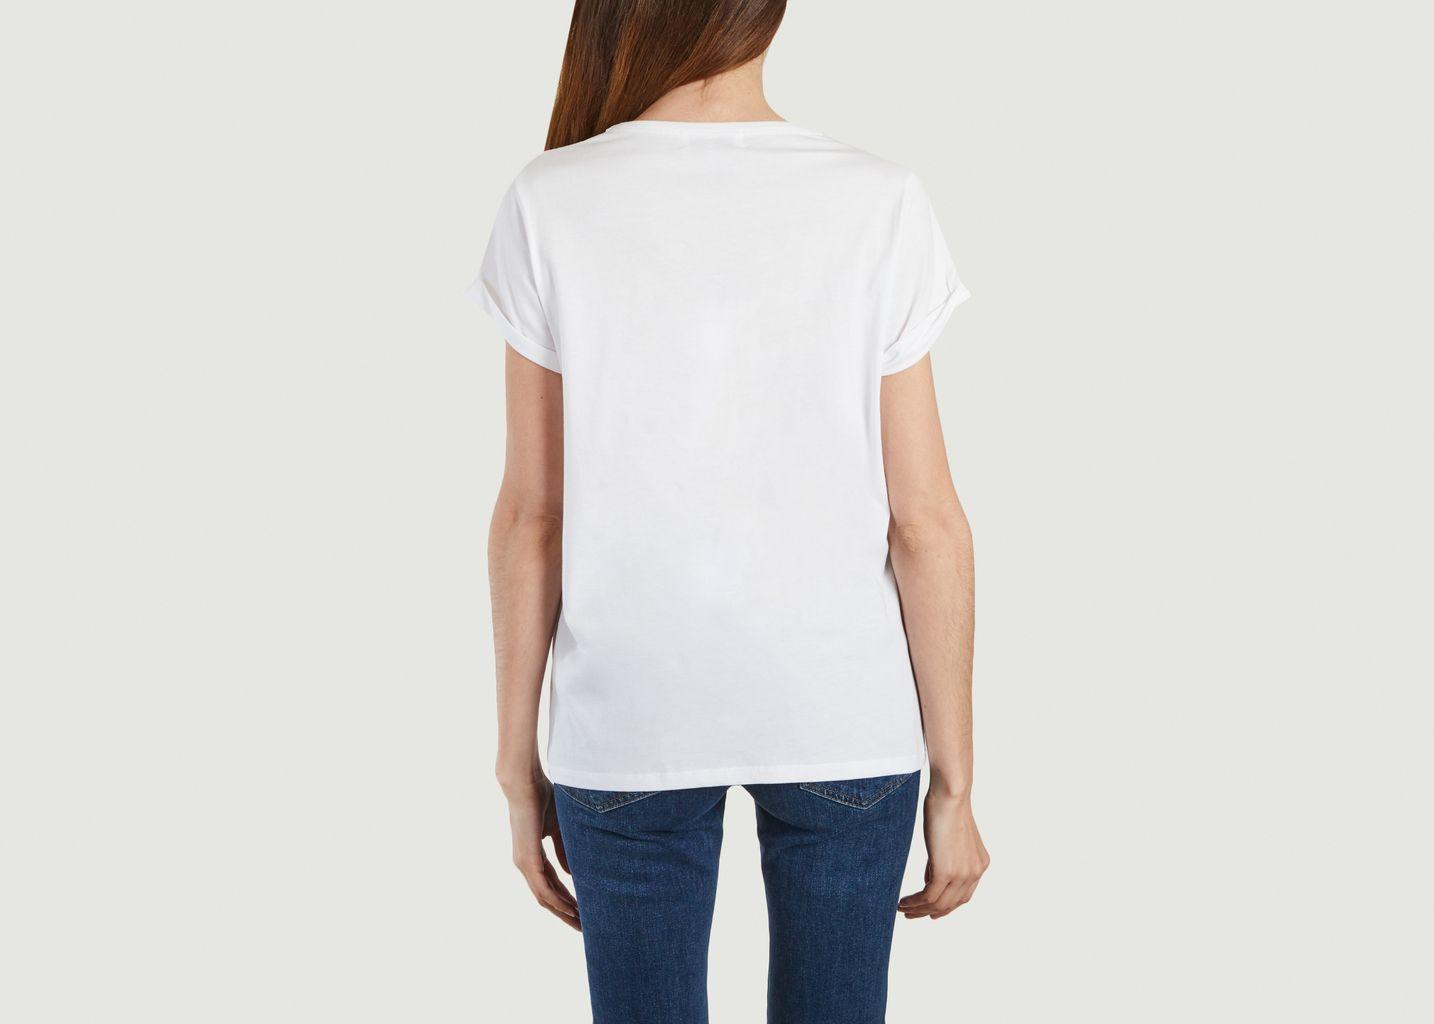 T-shirt Poitou Joker - Maison Labiche